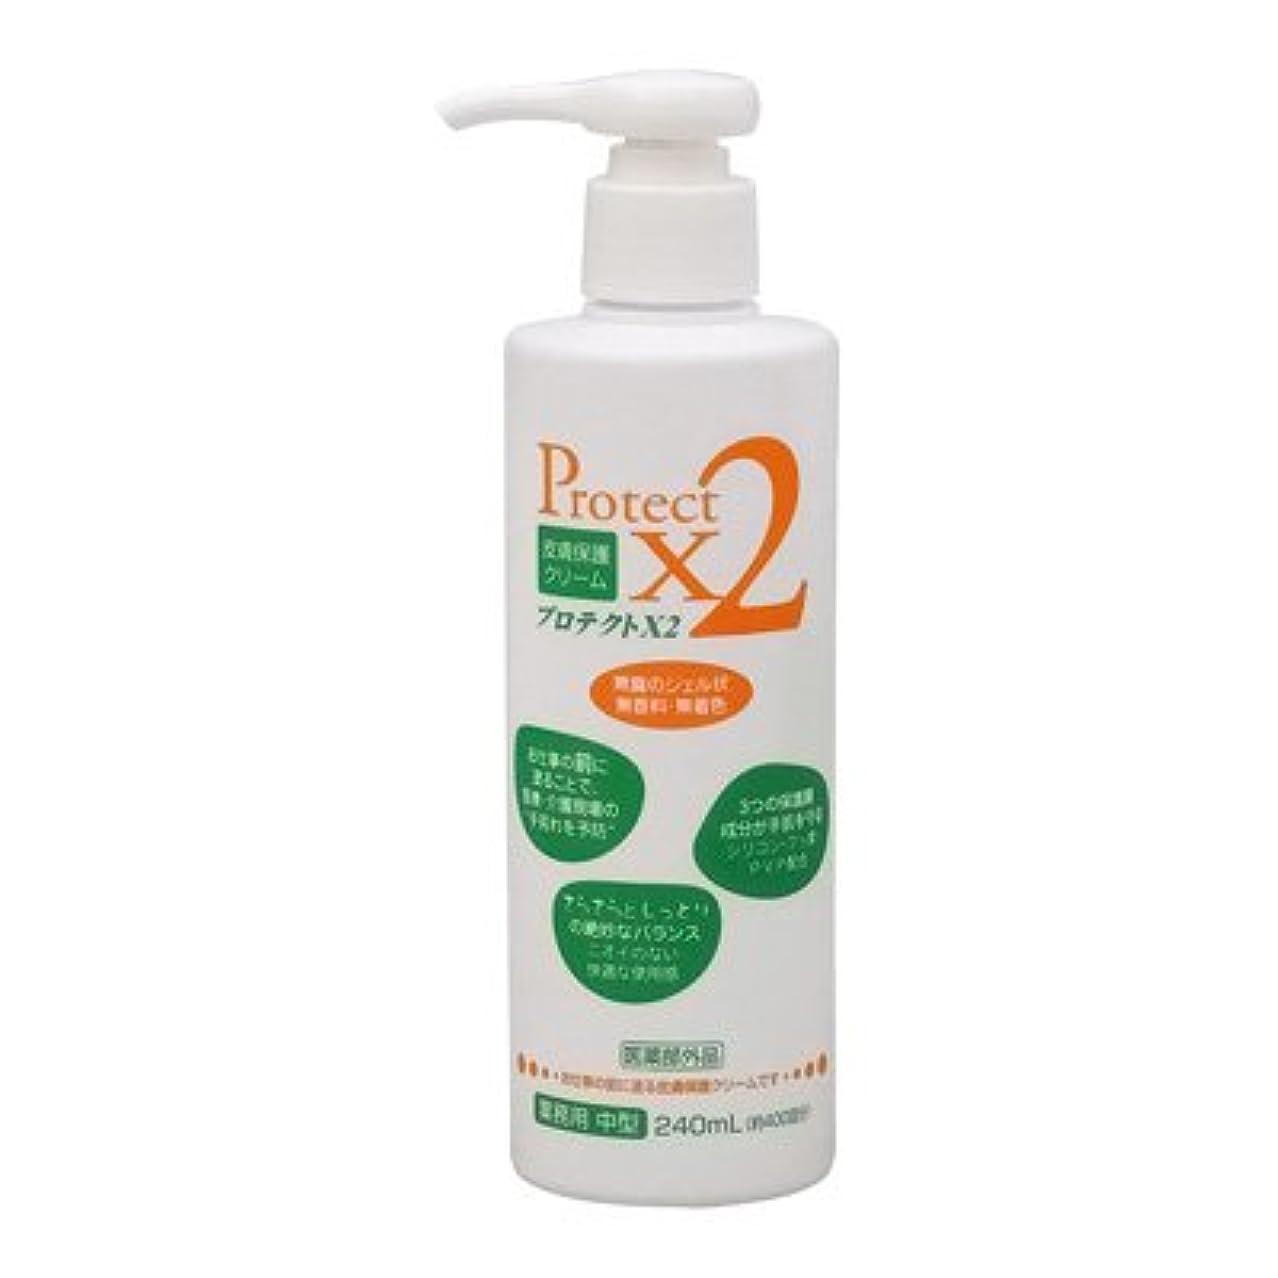 モスク共同選択区皮膚保護クリーム プロテクトX2 240ml(中型)